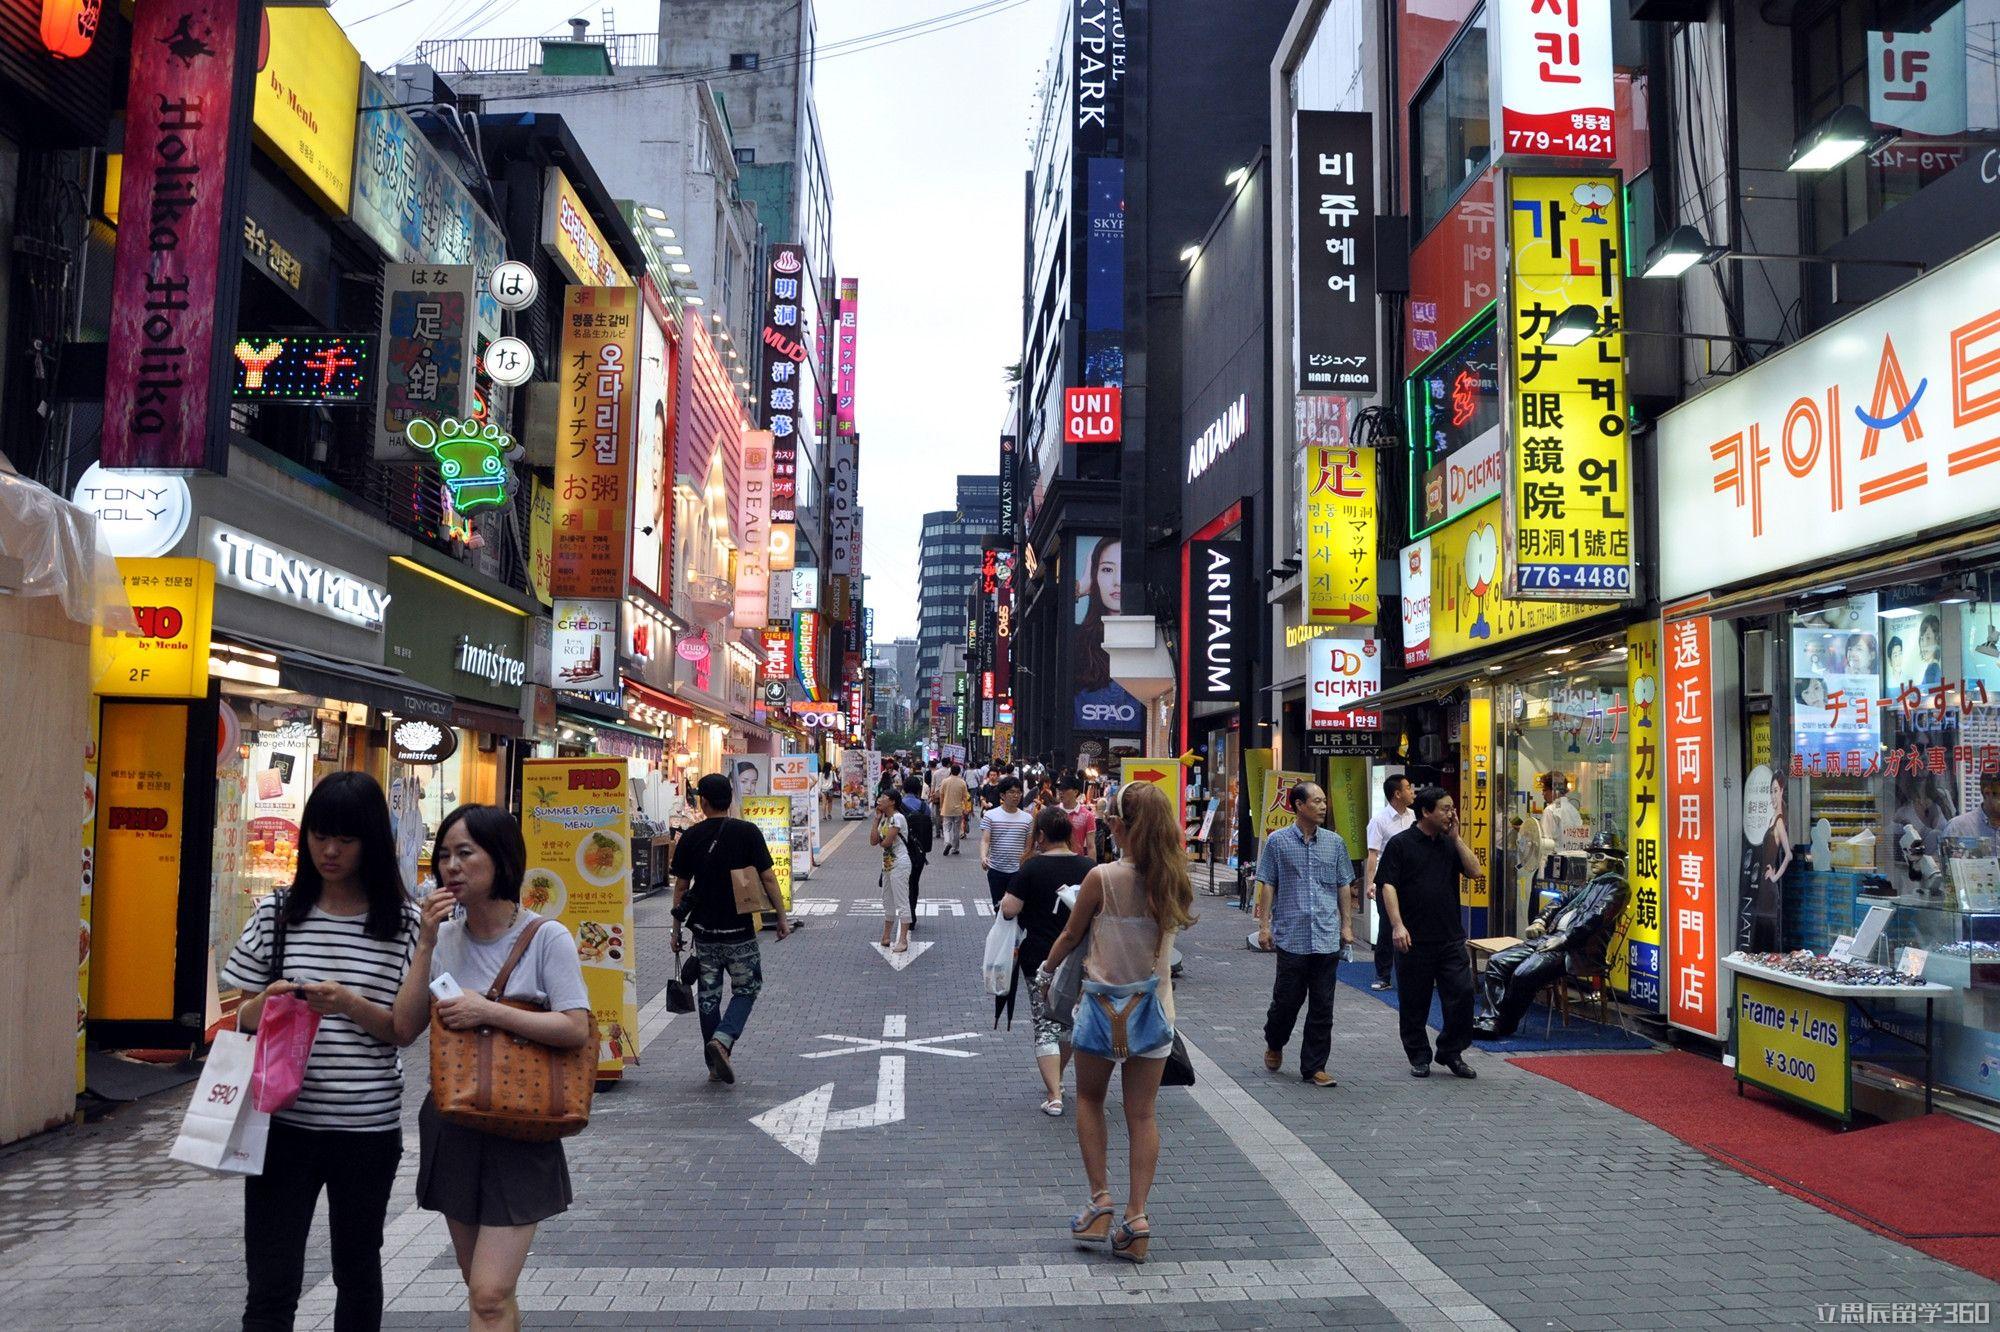 韩国留学:留学打工机会很多